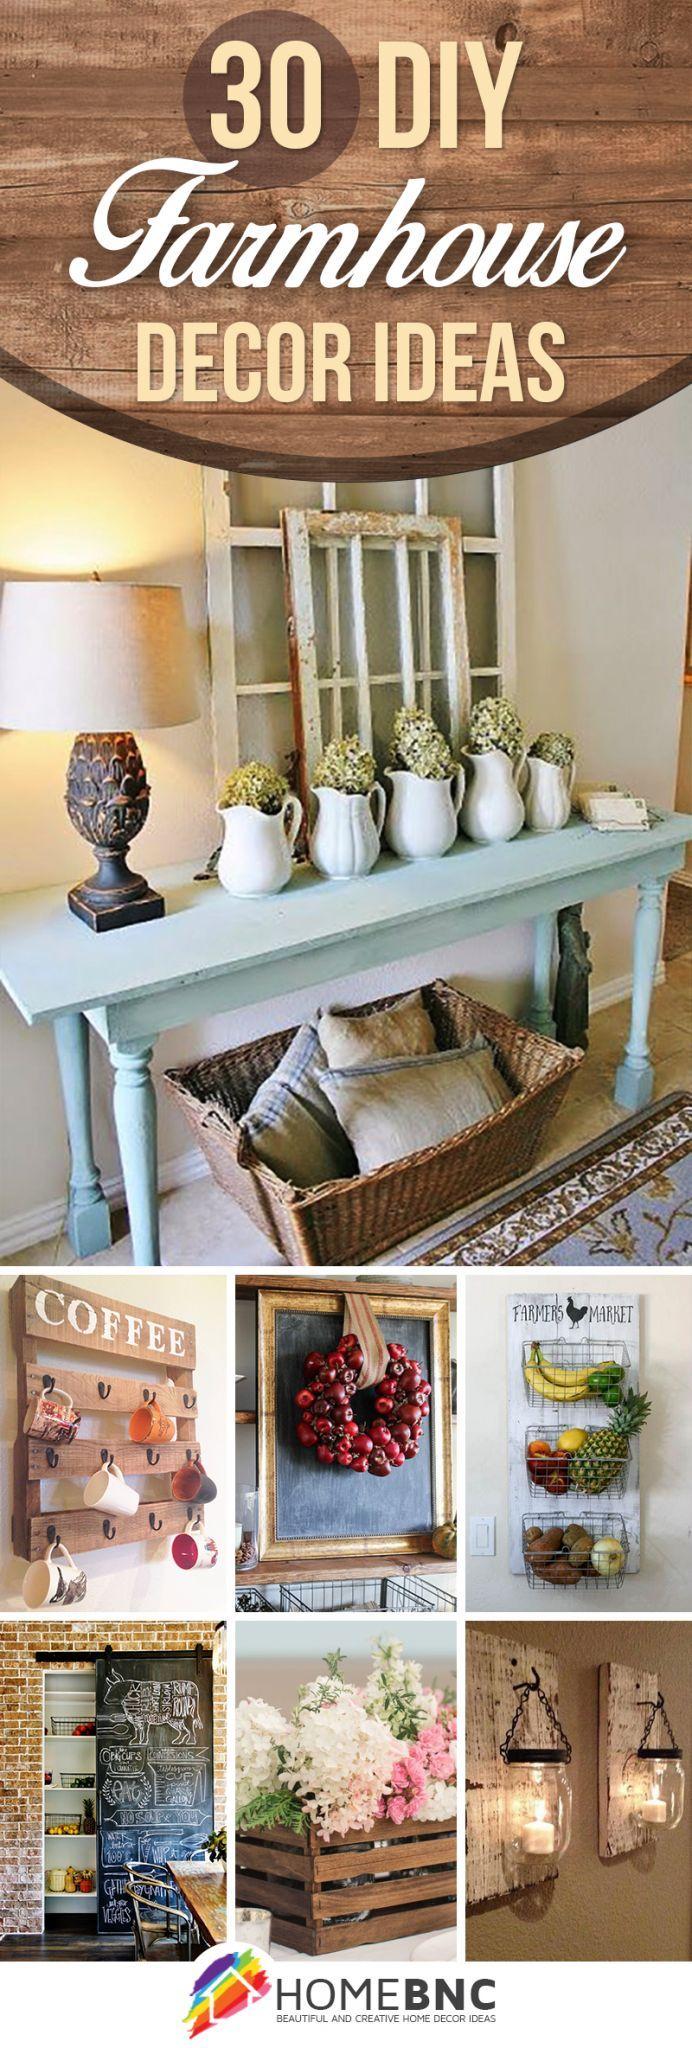 best 25 vintage farmhouse decor ideas on pinterest vintage 30 ways diy farmhouse decor ideas can make your home unique